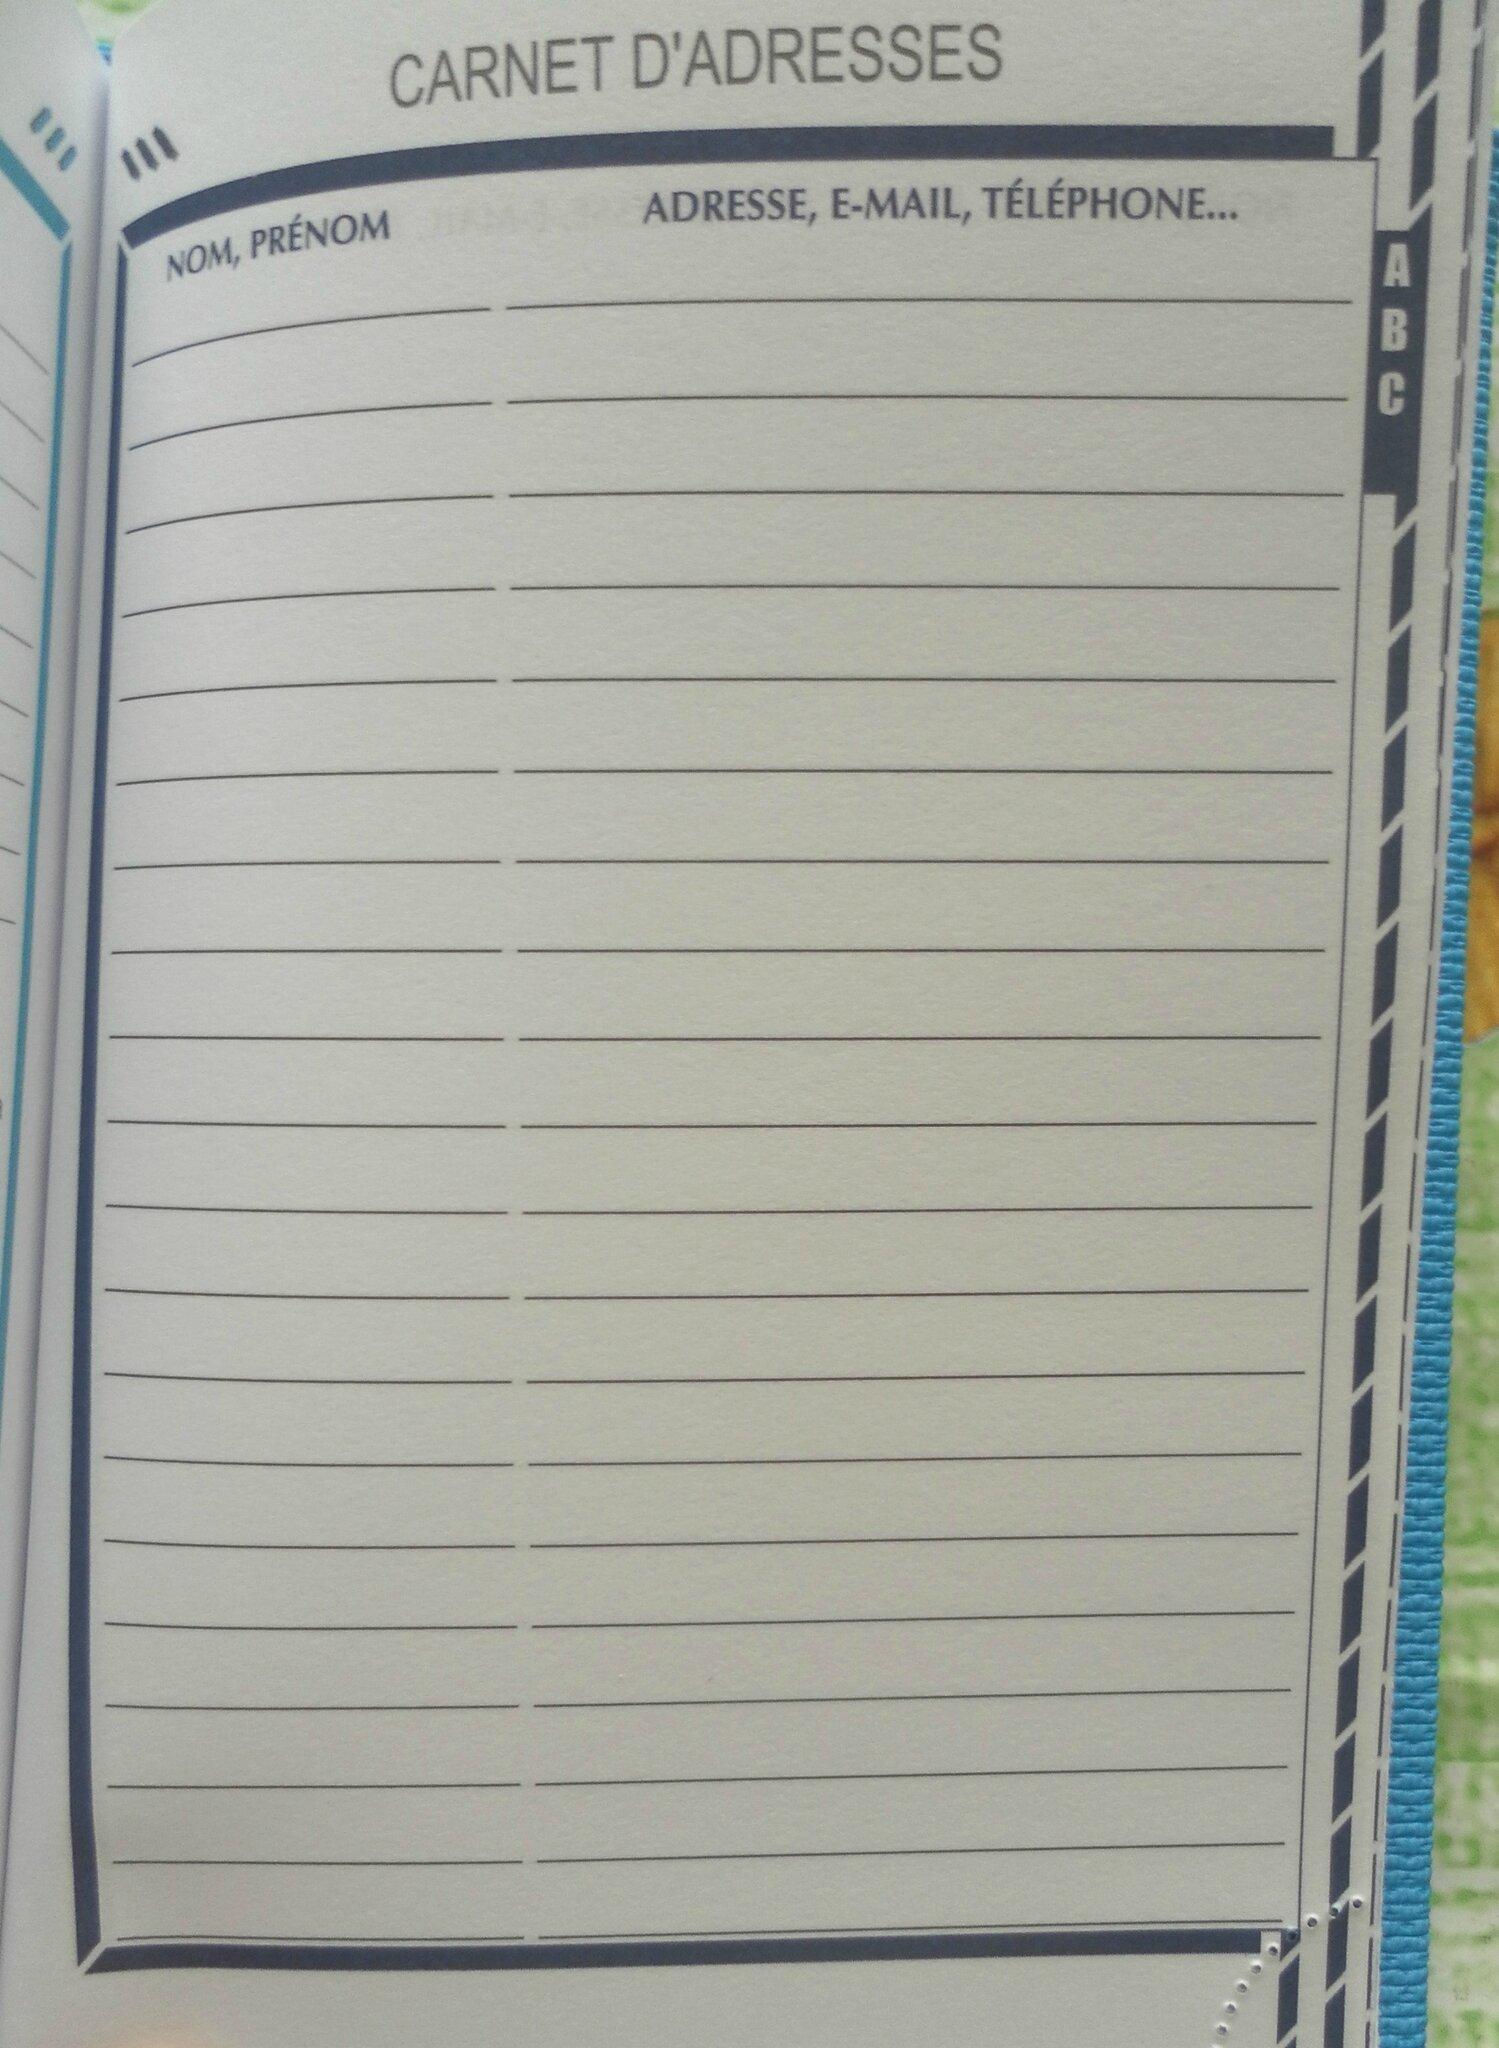 carnet de suivi assistante maternelle